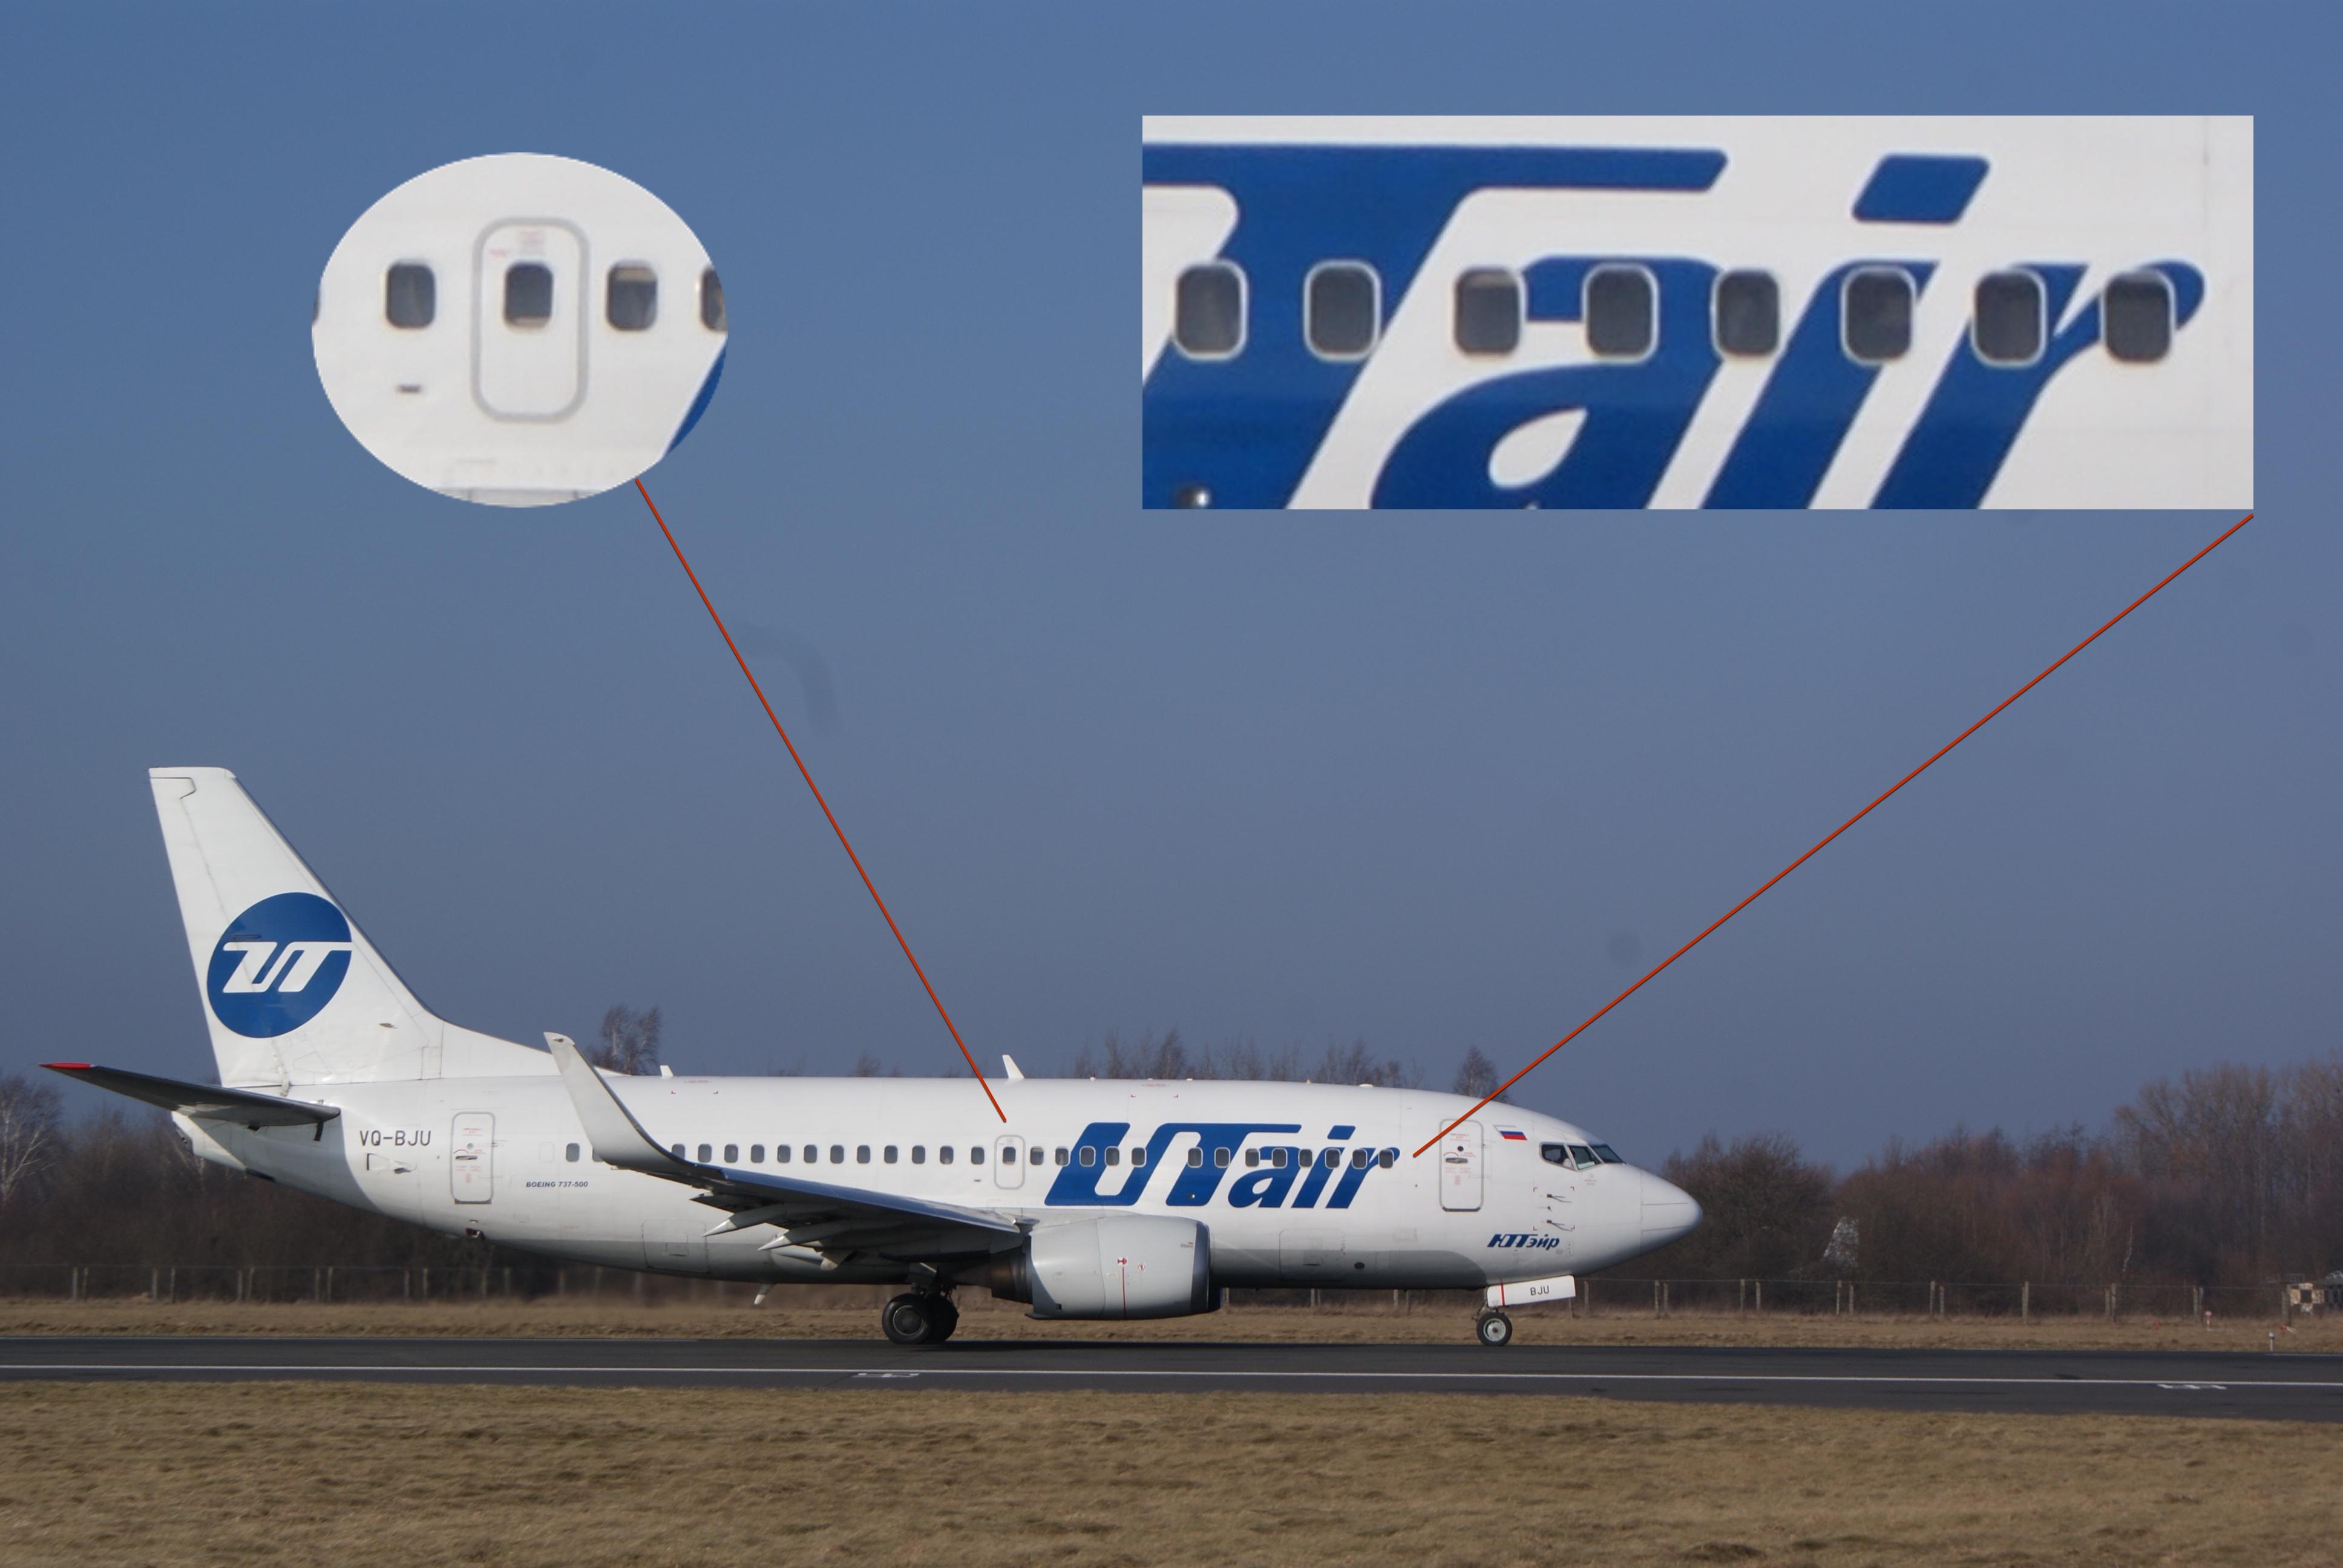 У 737-500 один аварийный выход на плоскость крыла с каждой стороны и 7 или 8 иллюминаторов в начале.